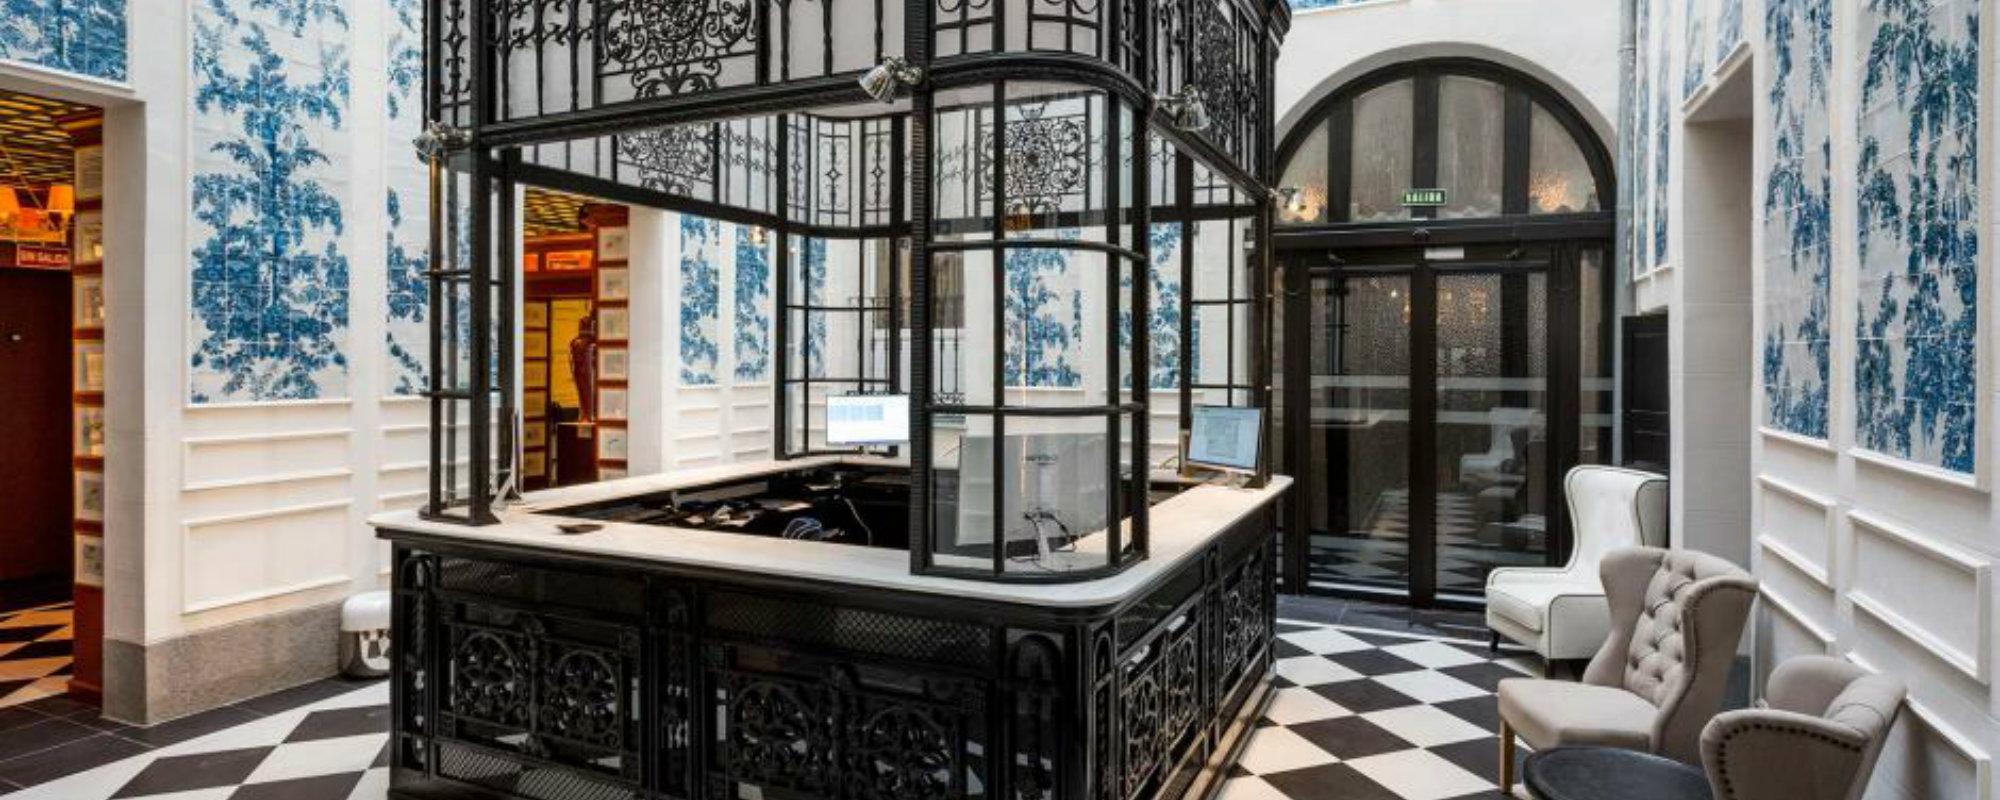 Interiorismo de lujo: un estudio perfecto de Lázaro Rosa Violan interiorismo de lujo Interiorismo de lujo: un estudio perfecto de Lázaro Rosa Violan Featured